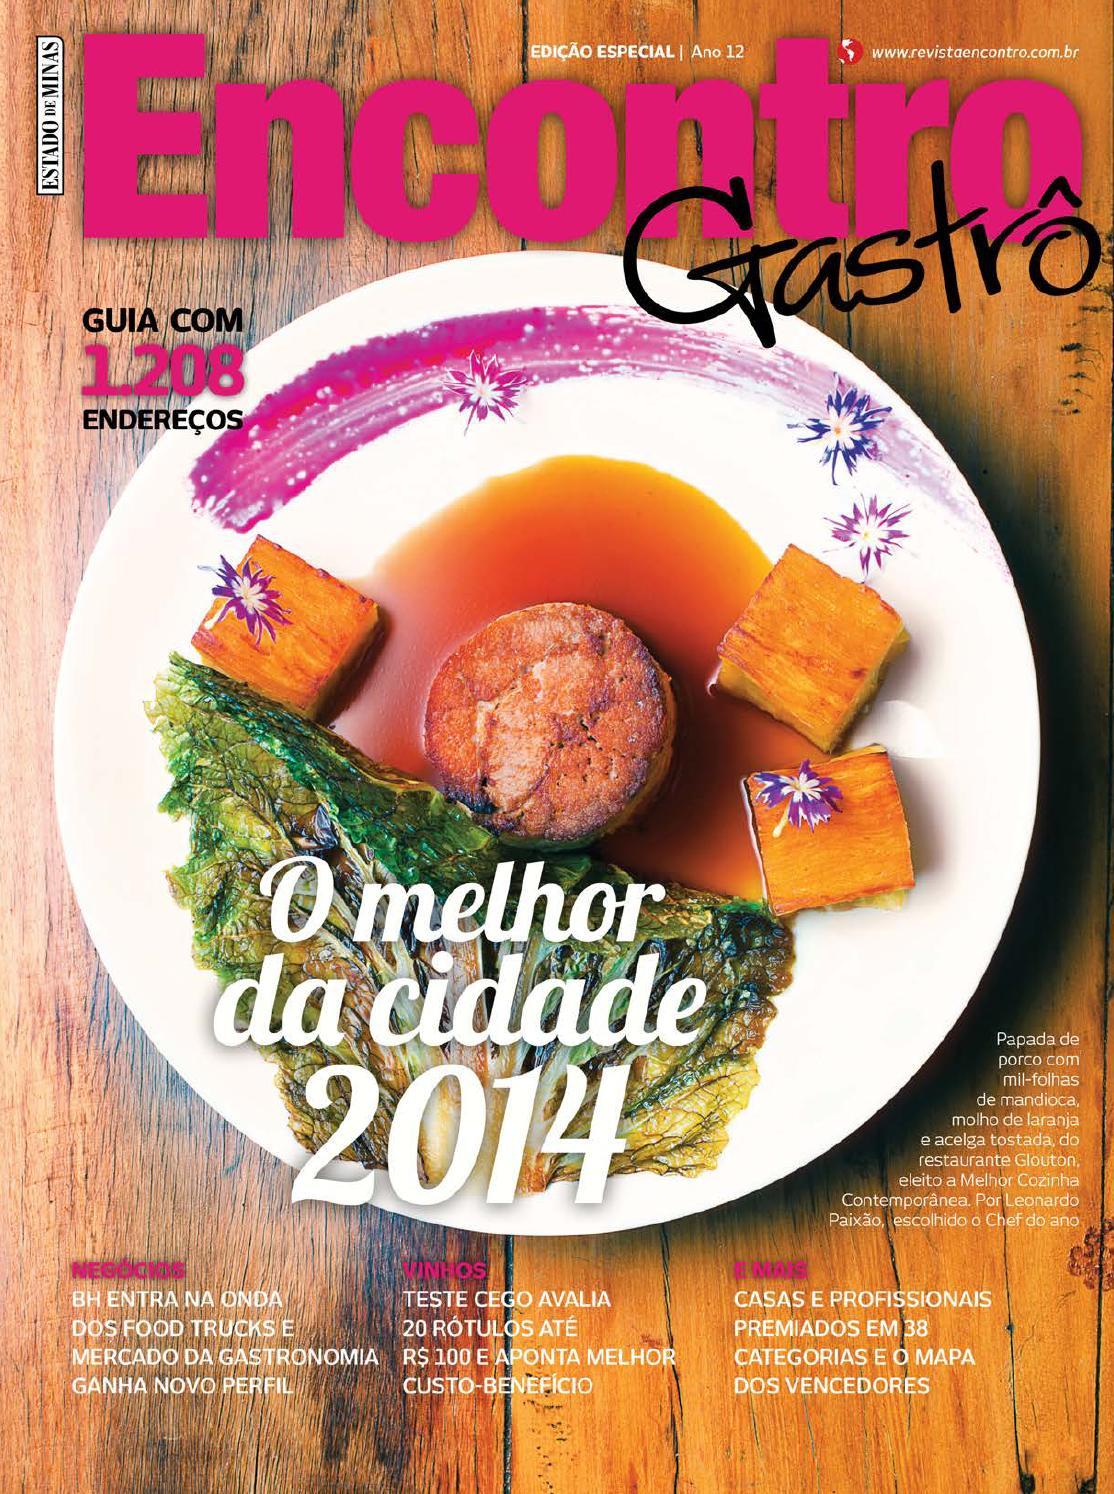 Encontro Gastrô 2014 by Editora Encontro - issuu aad9f6da6f7